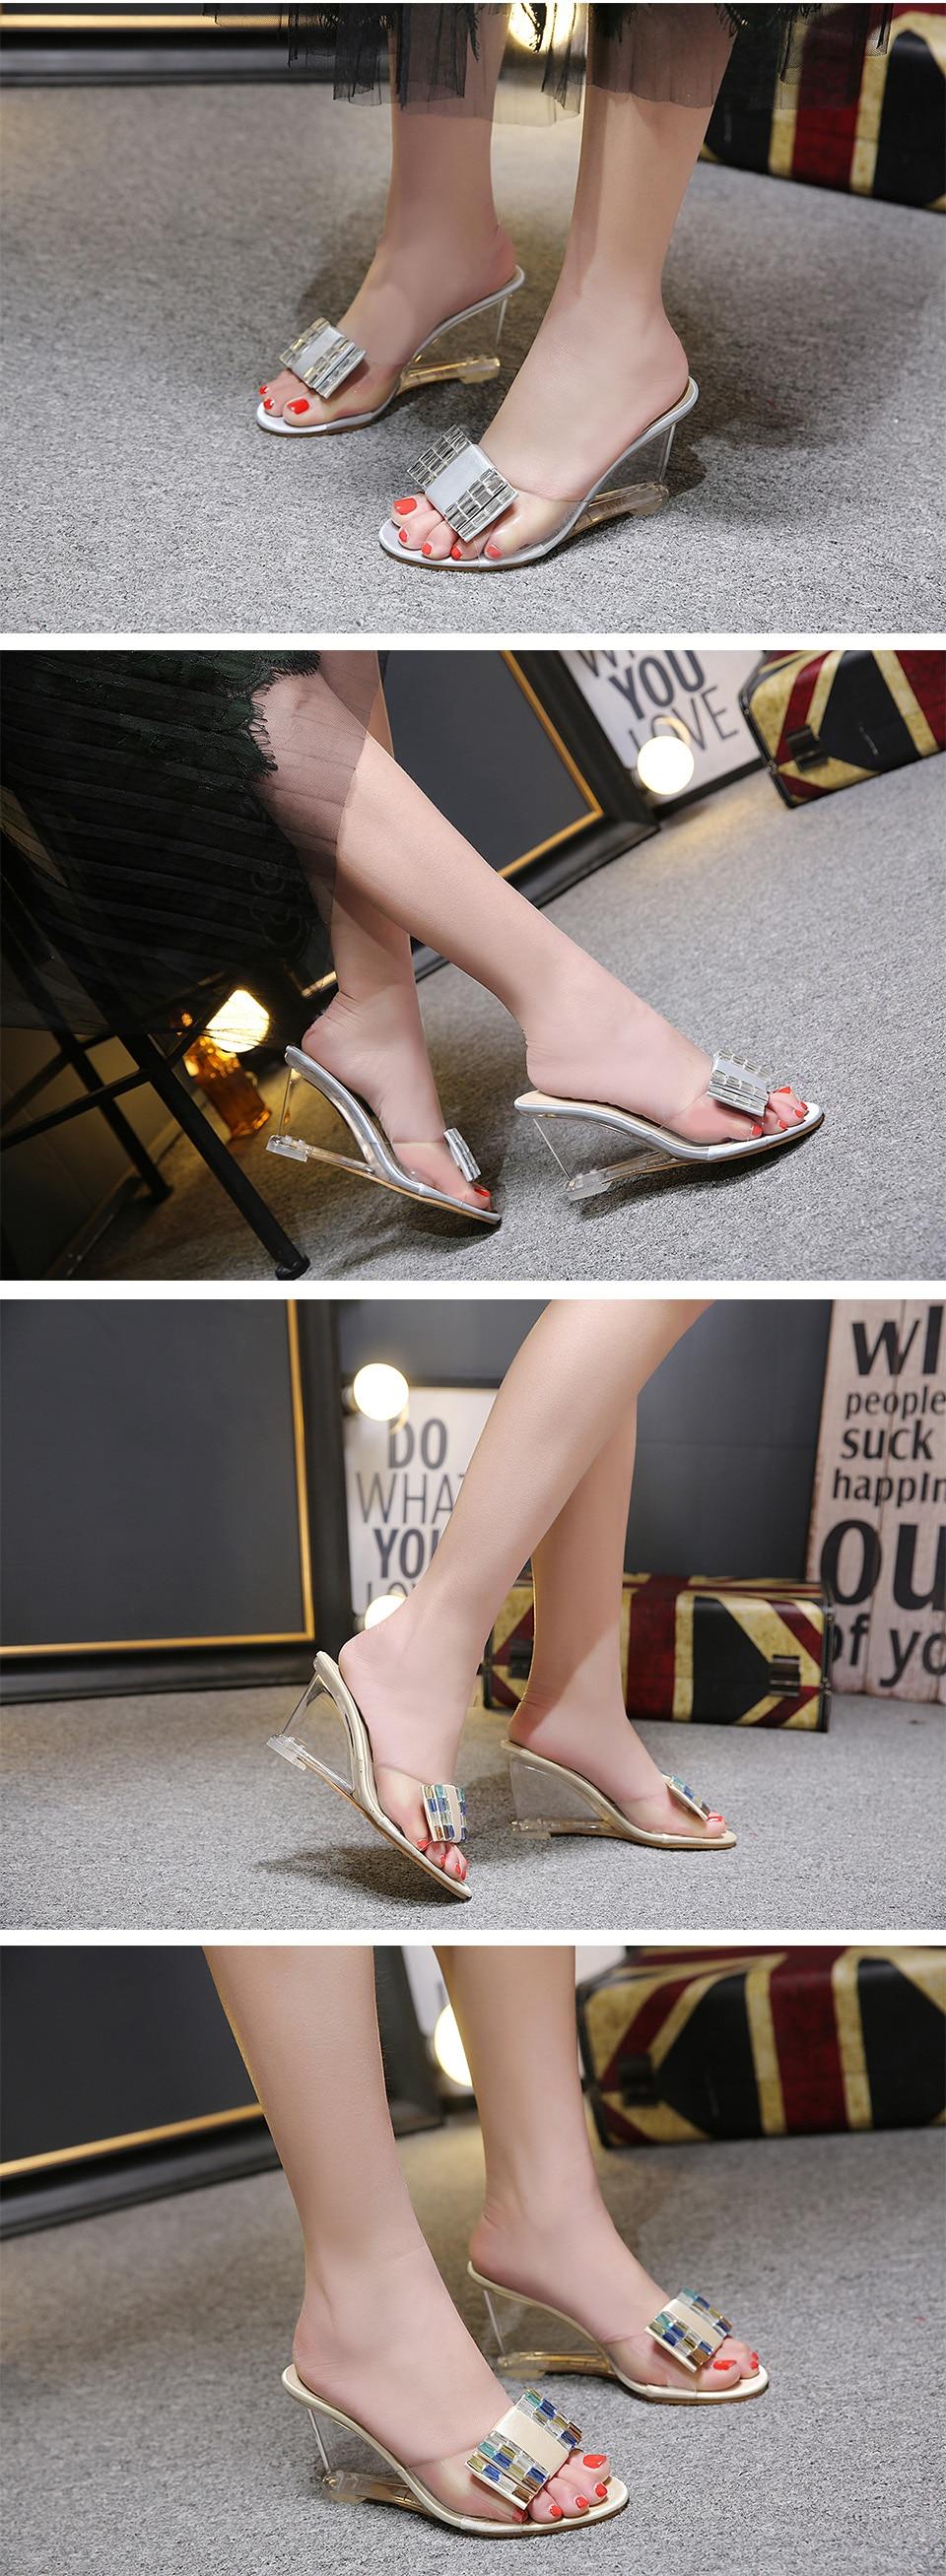 6 slippers women